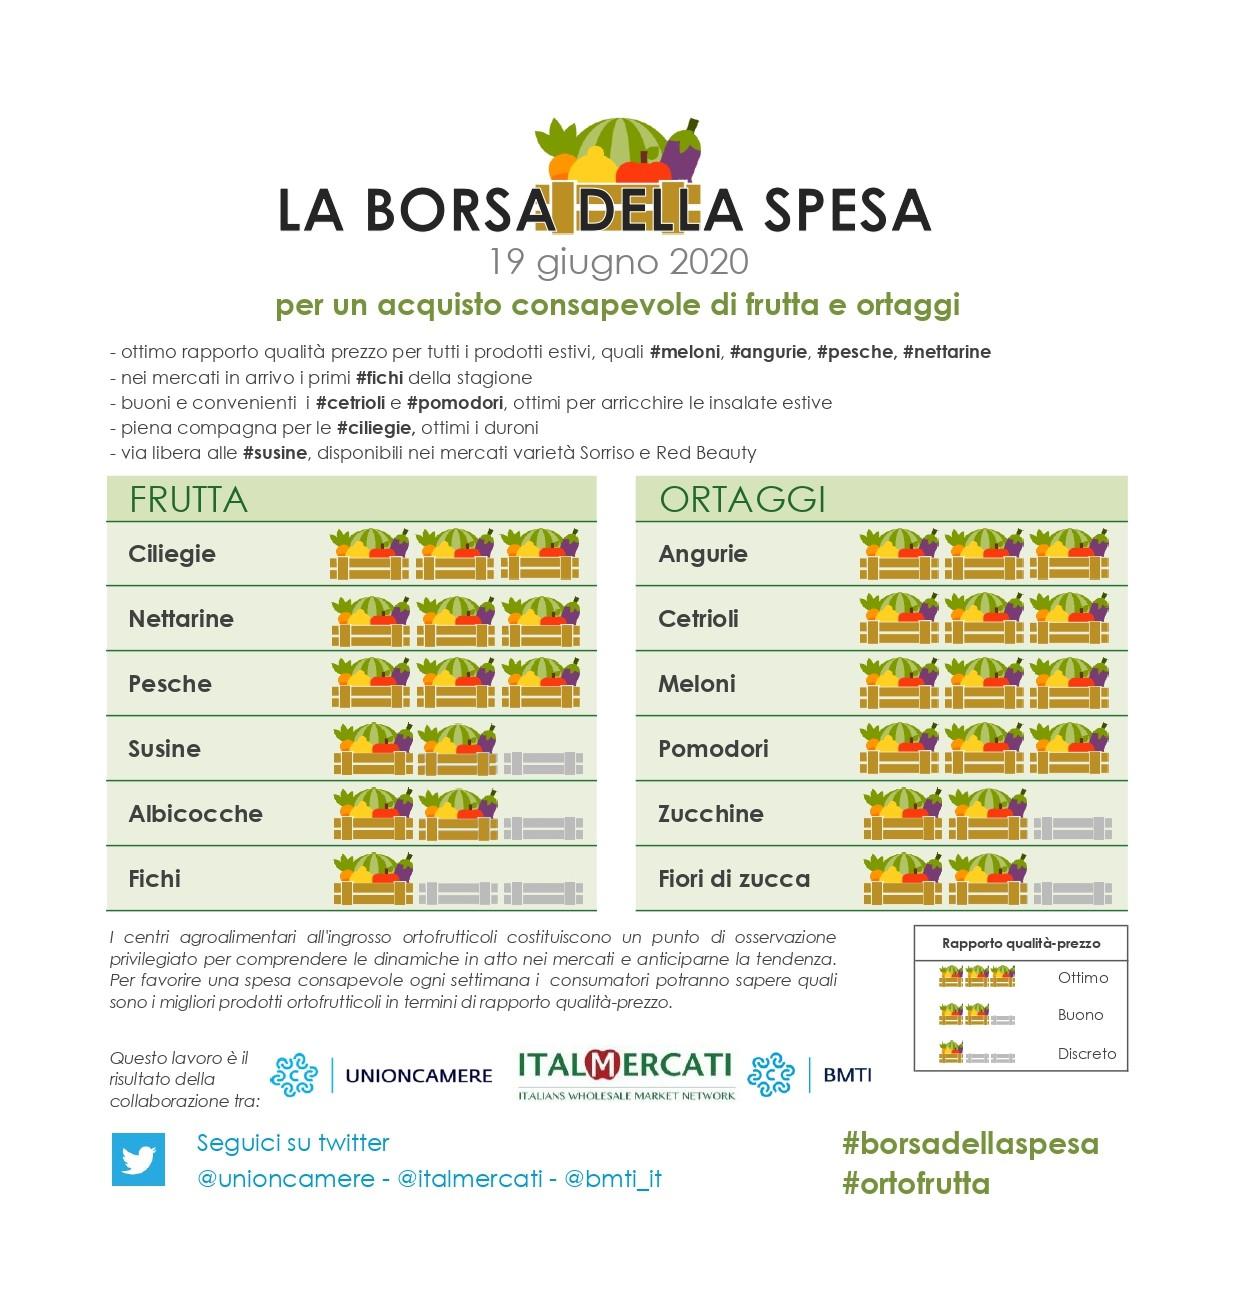 nella borsa della spesa 19 giugno: #angurie, #cetrioli, #meloni, #pomodori, #ciliegie, #nettarine e #pesche